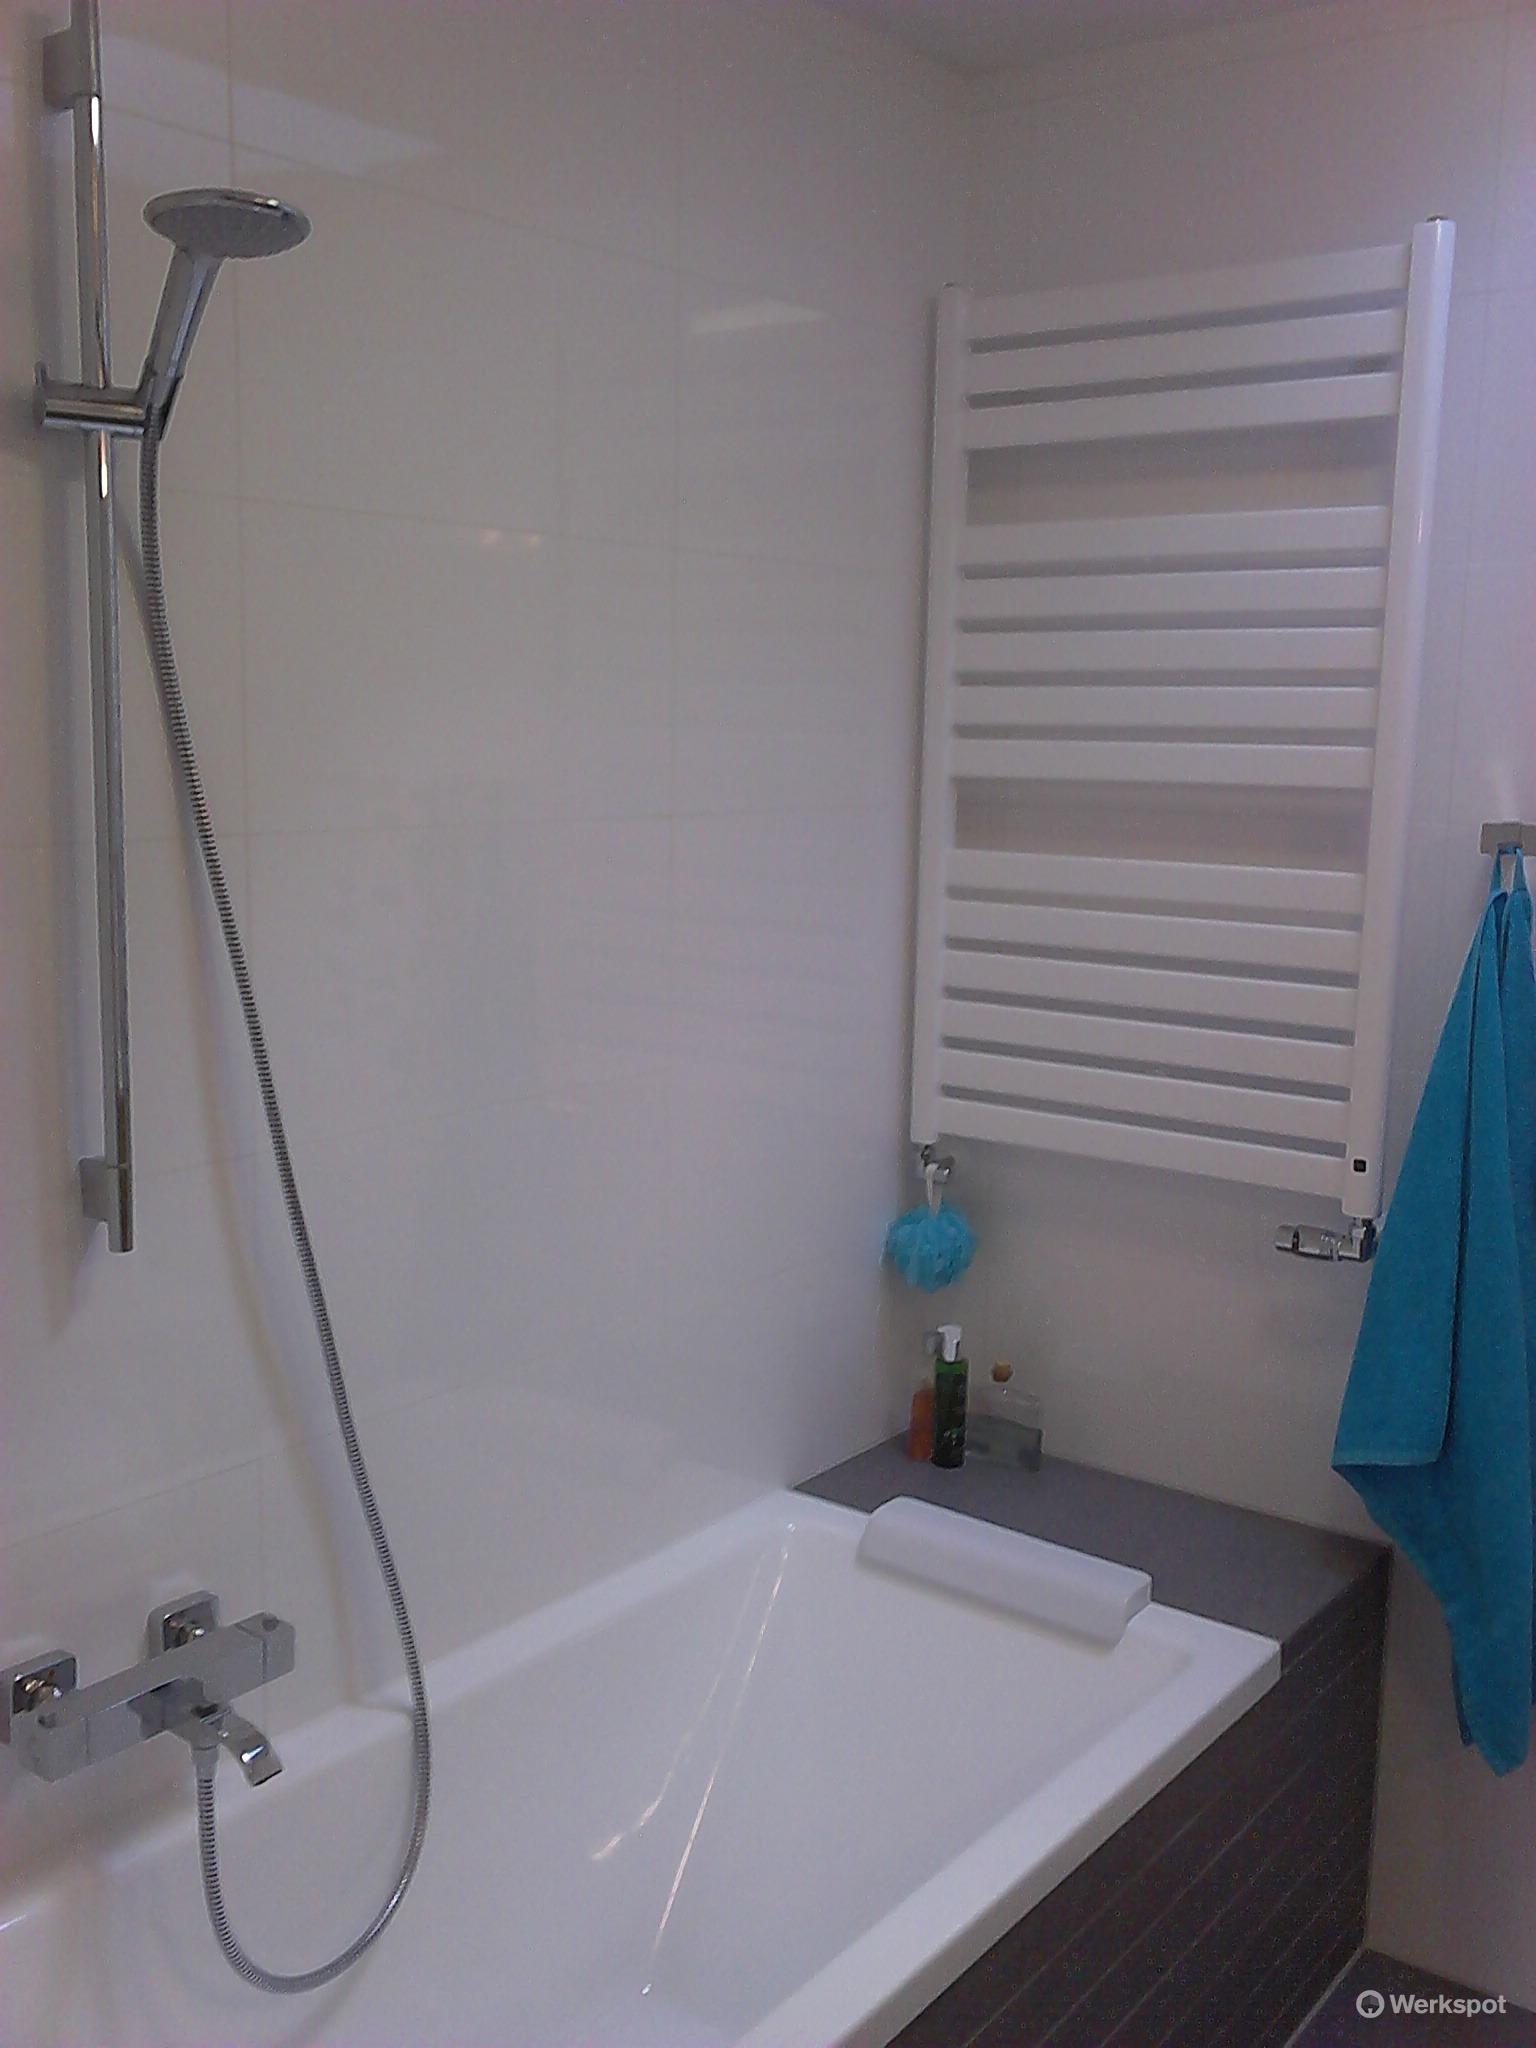 renoveren kleine badkamer 202 bij 220 cm en badmeubel op slaapkam